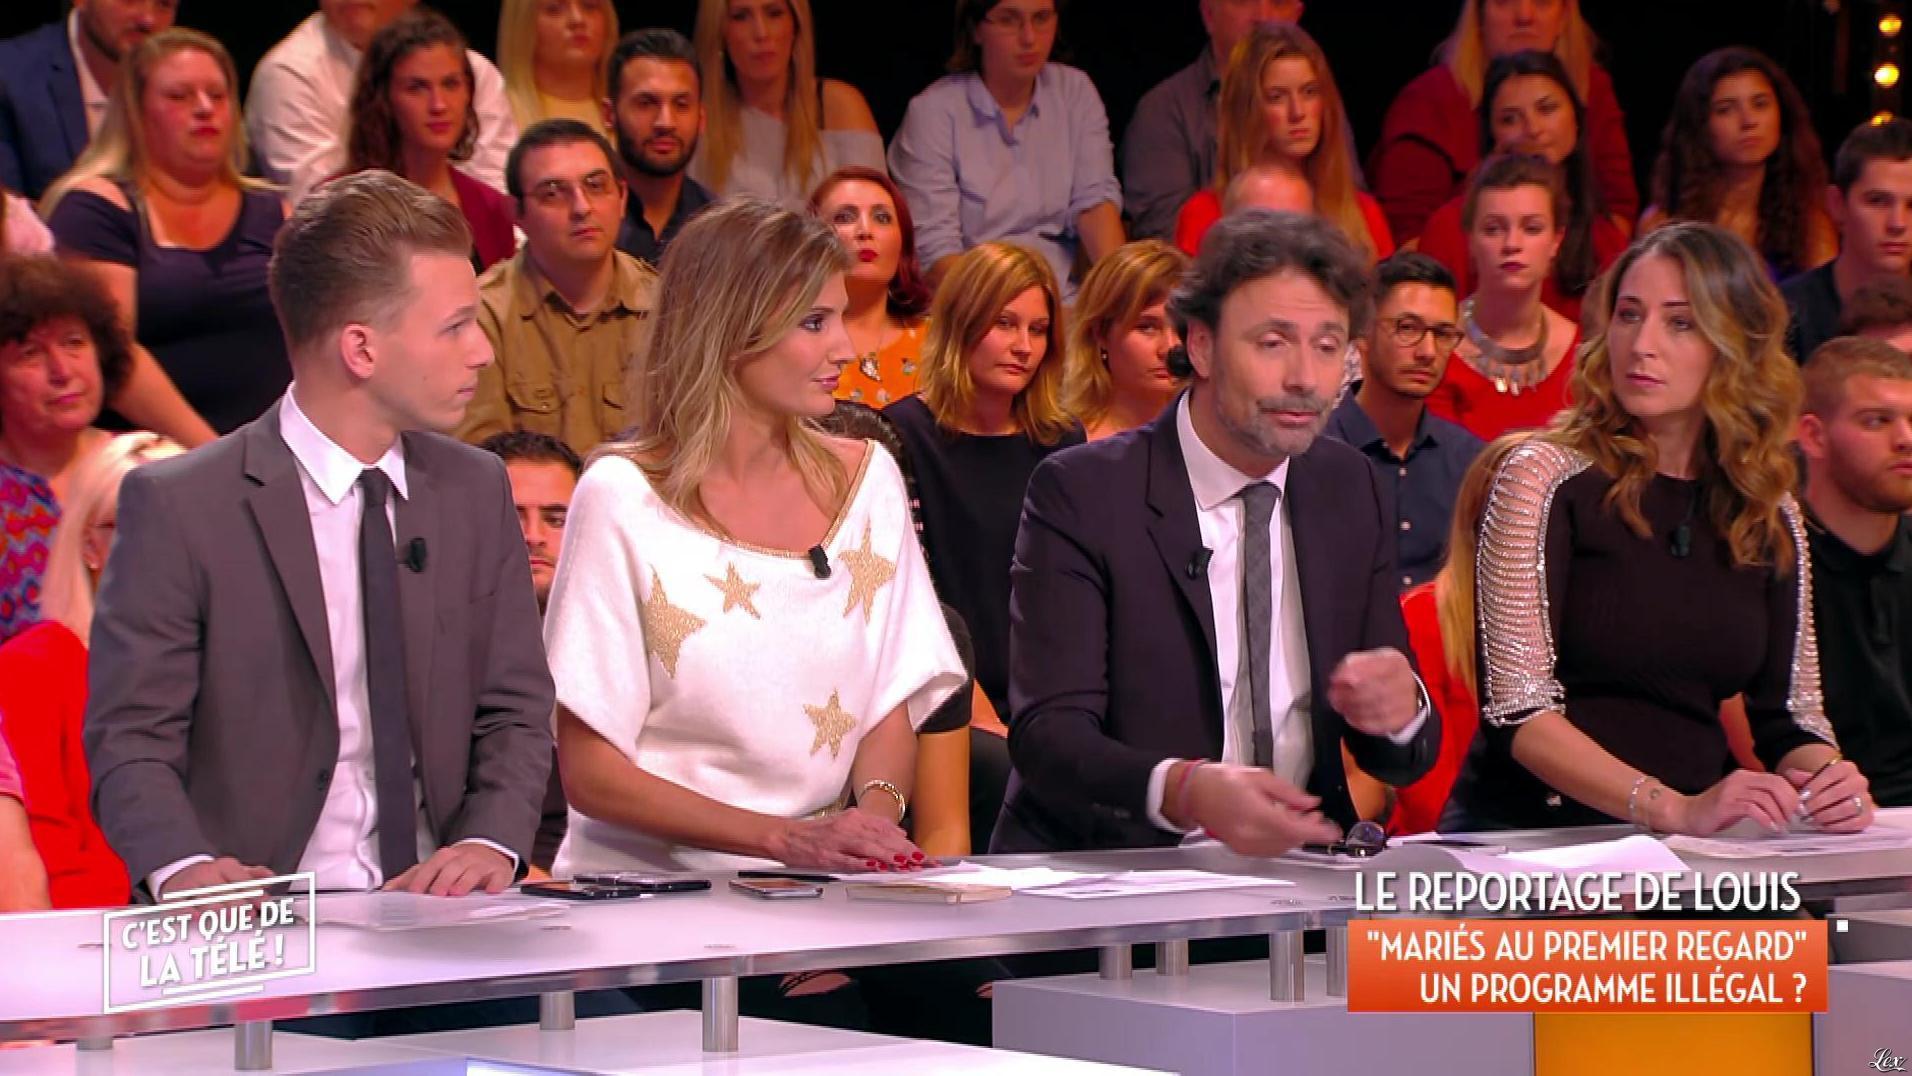 Caroline Ithurbide Dans C Est Que De La Tele 19 10 17 02